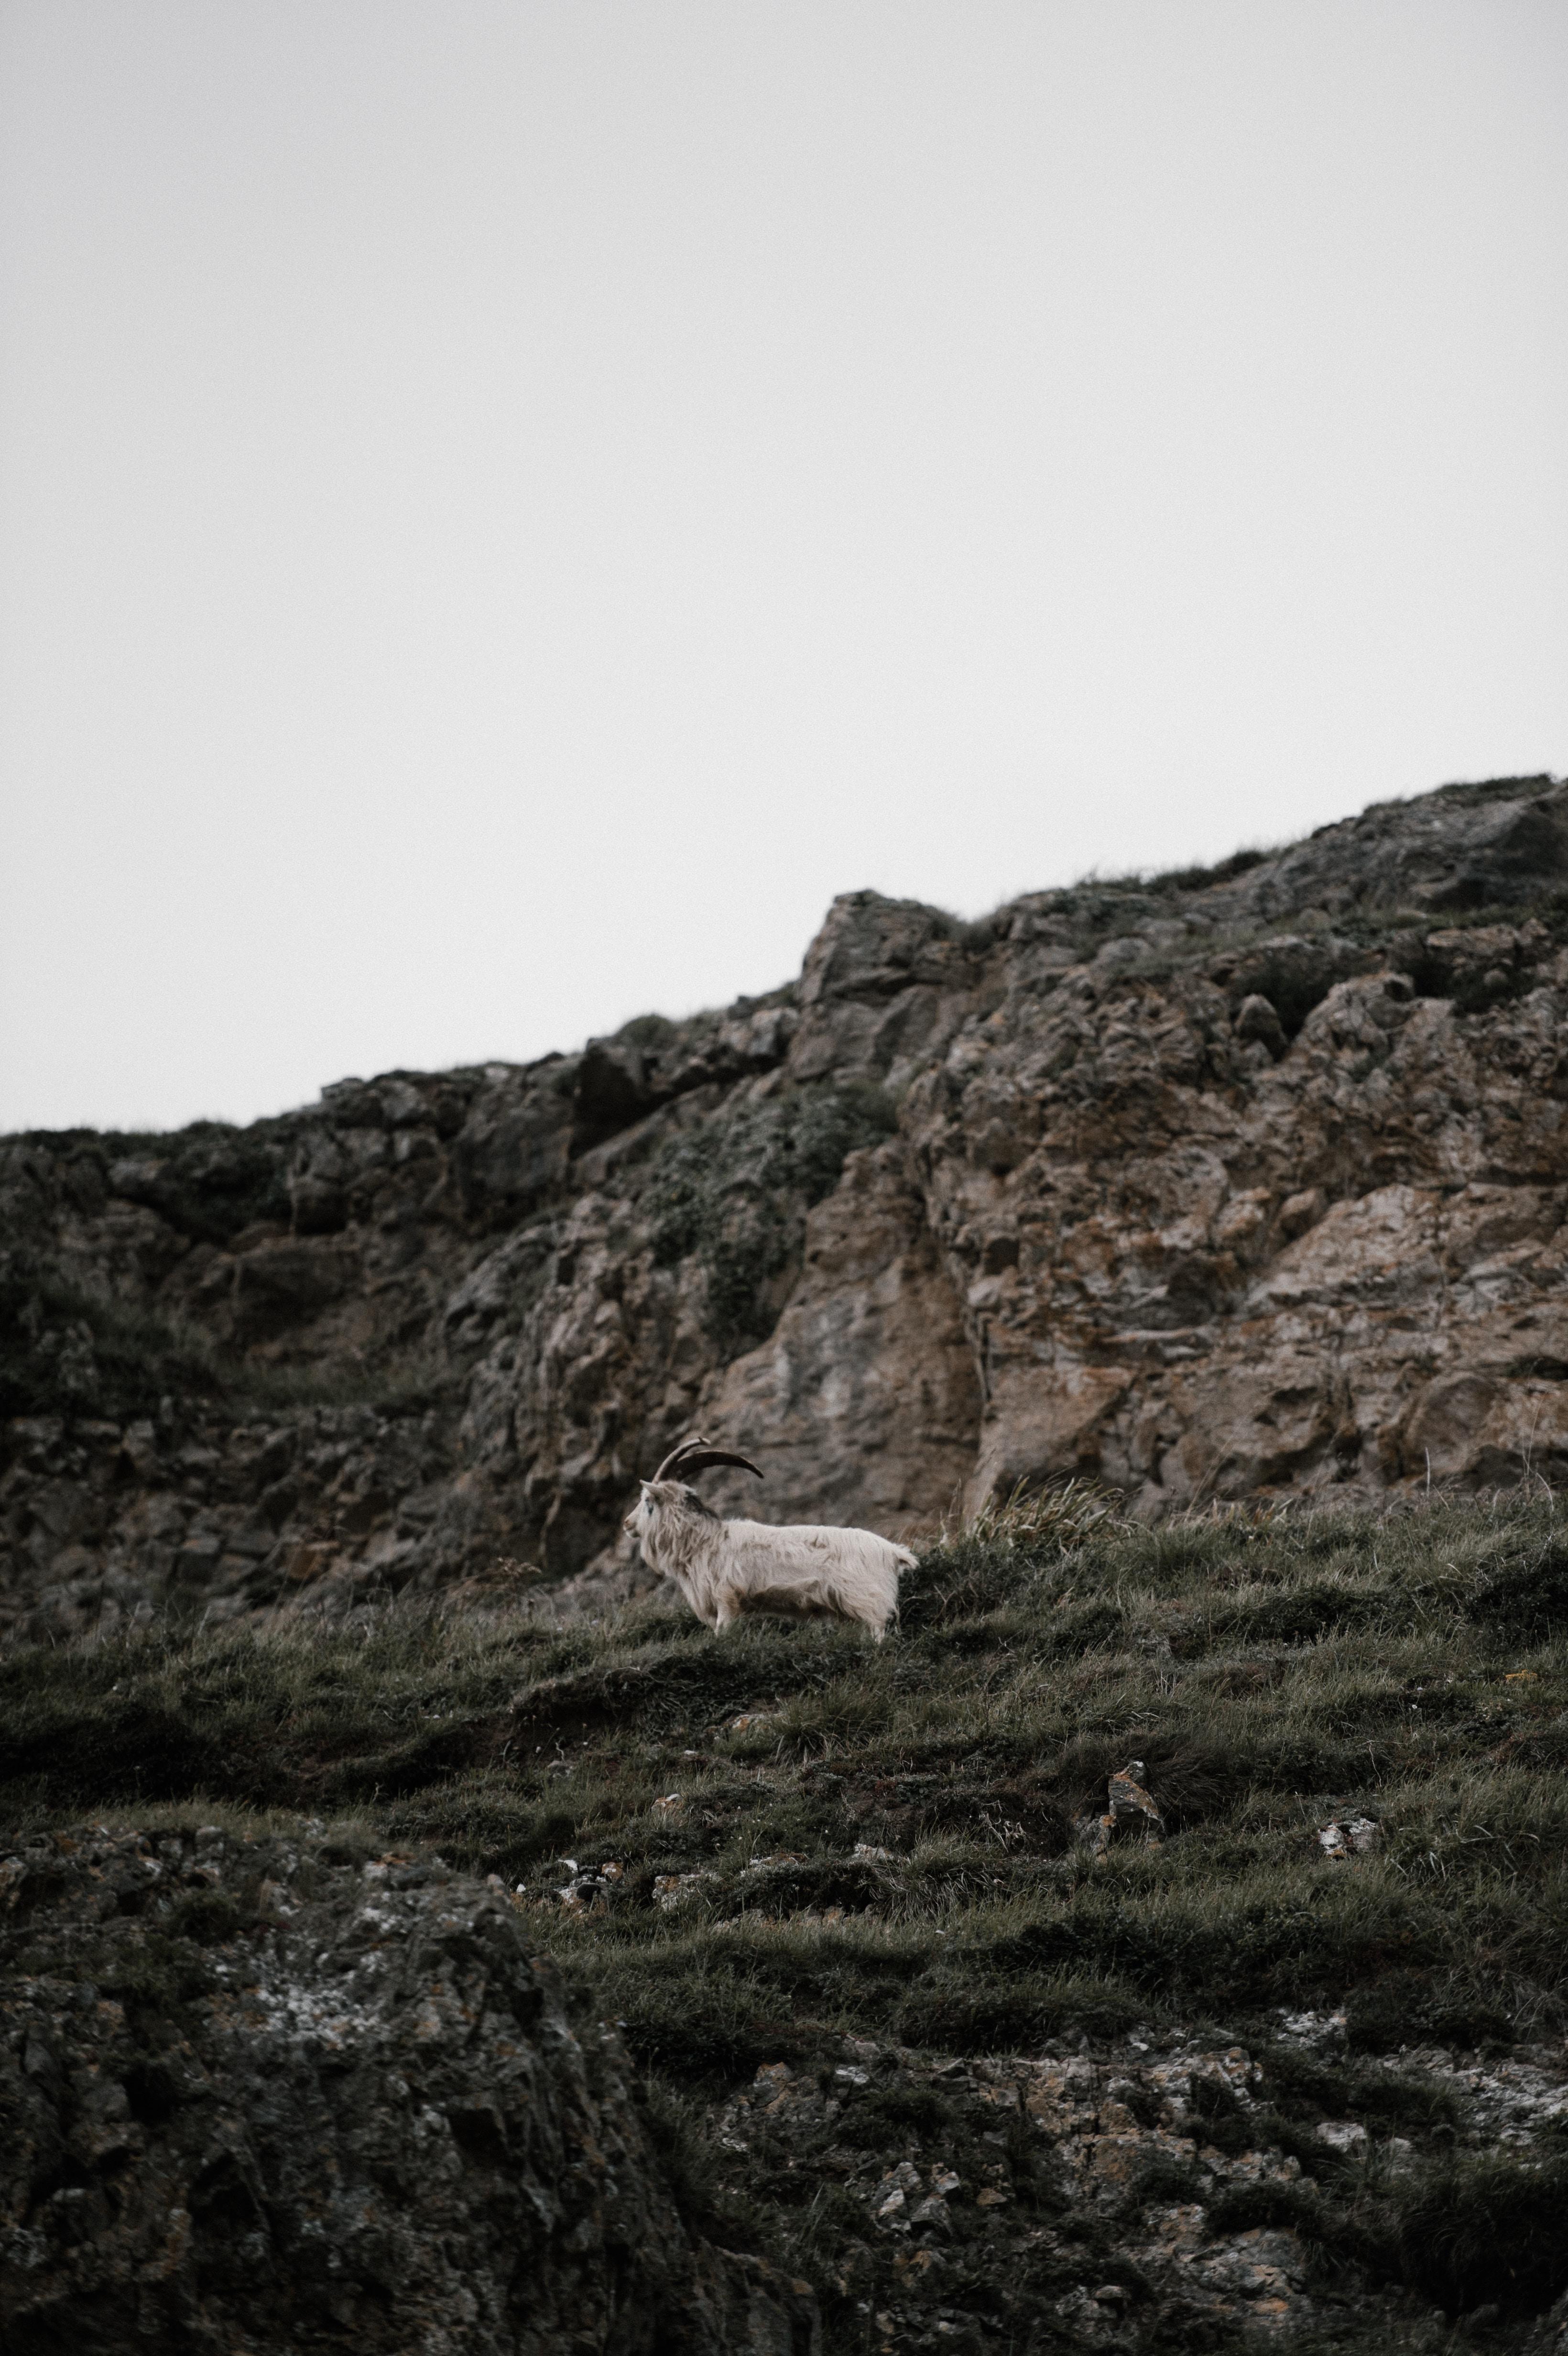 white goat on green grass